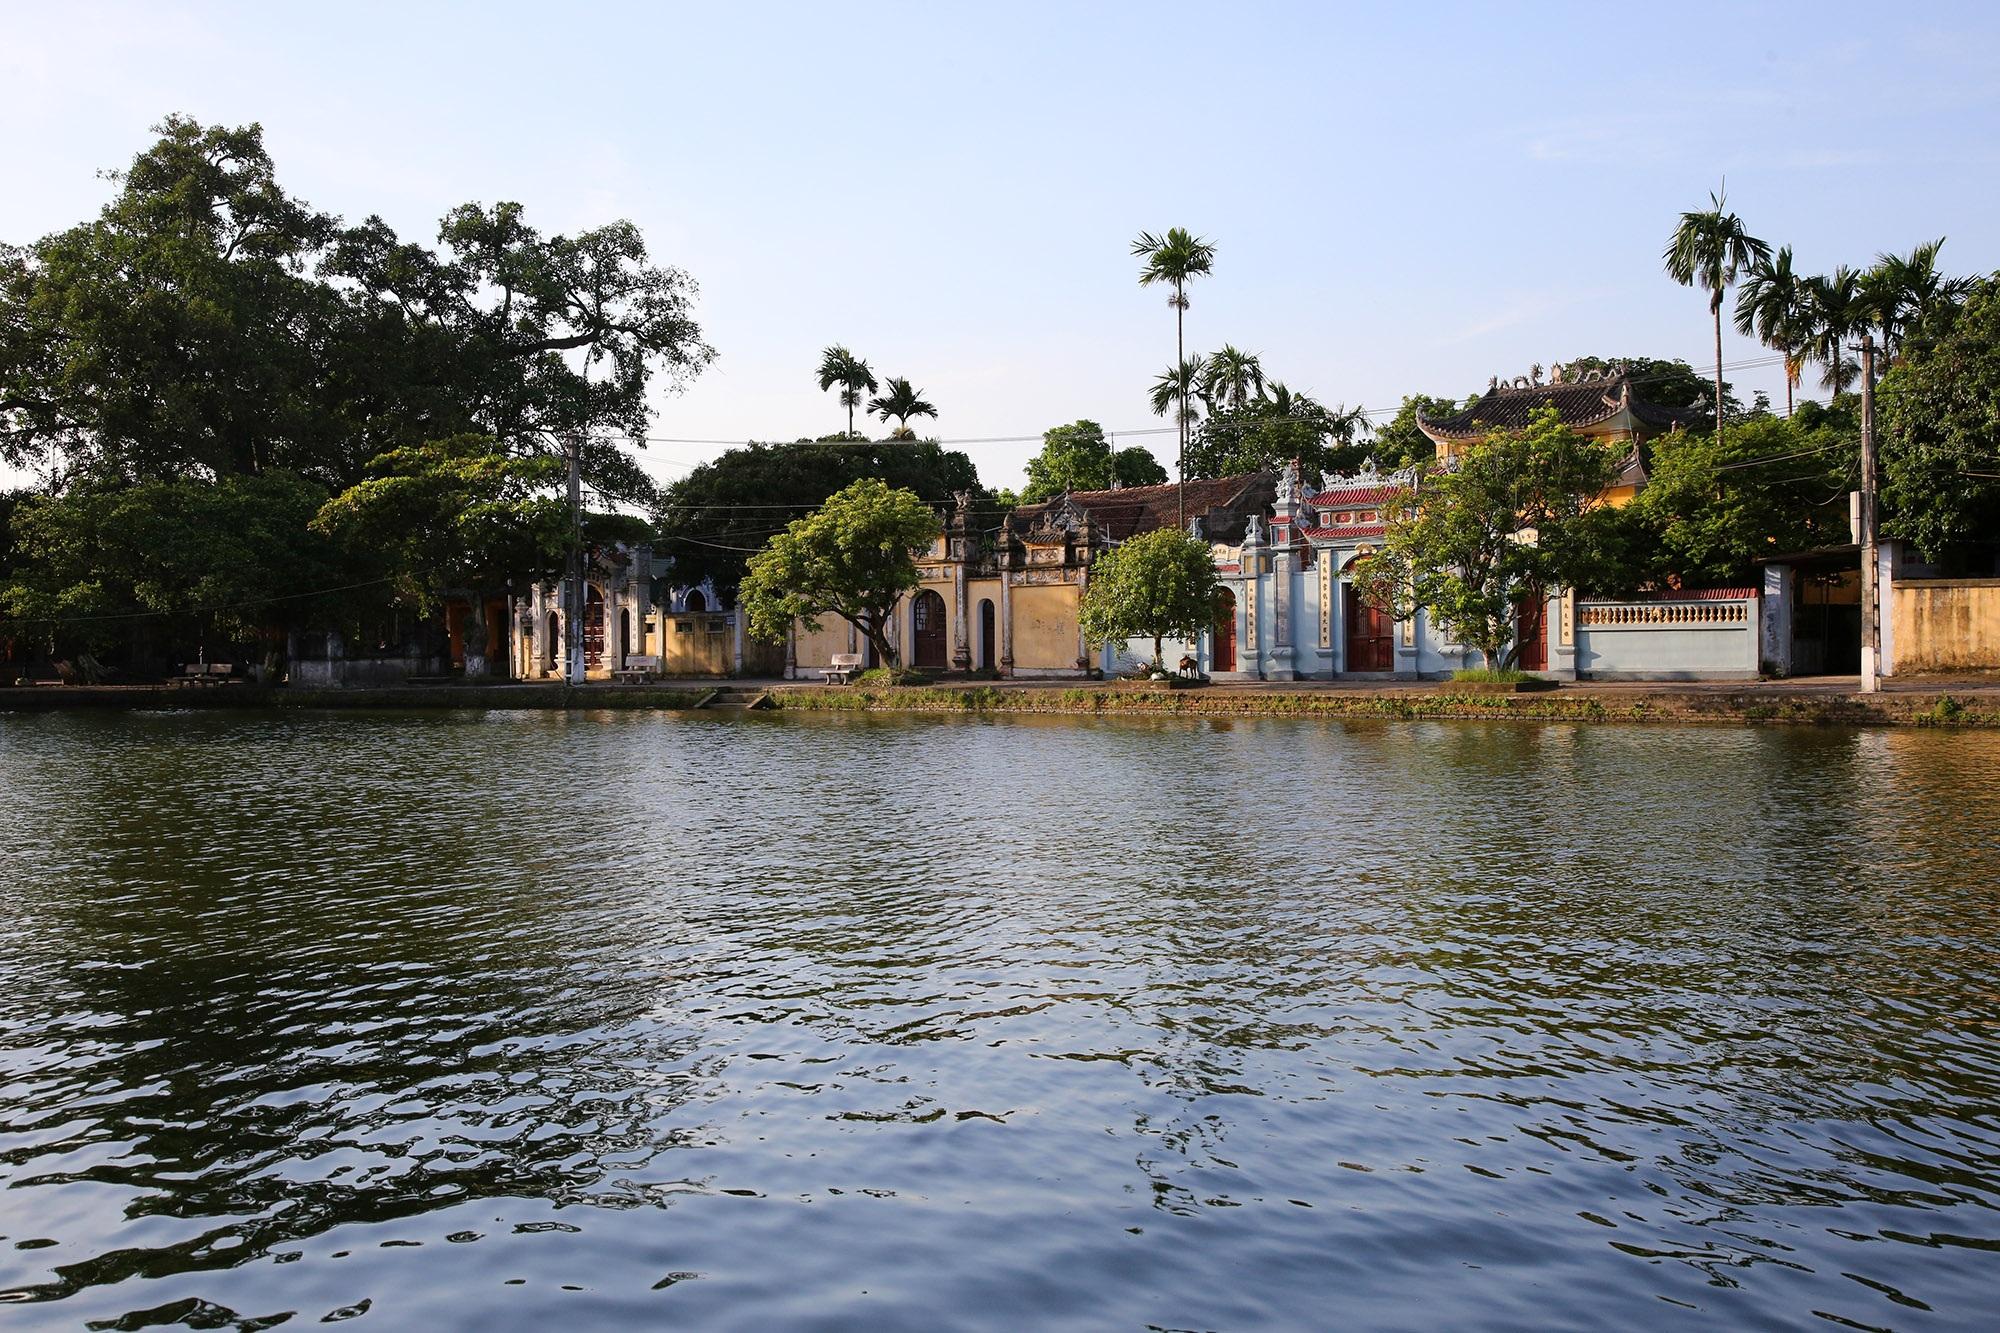 Phát hiện thêm một cổ trấn đẹp bình dị cách Hà Nội 30 km - 1